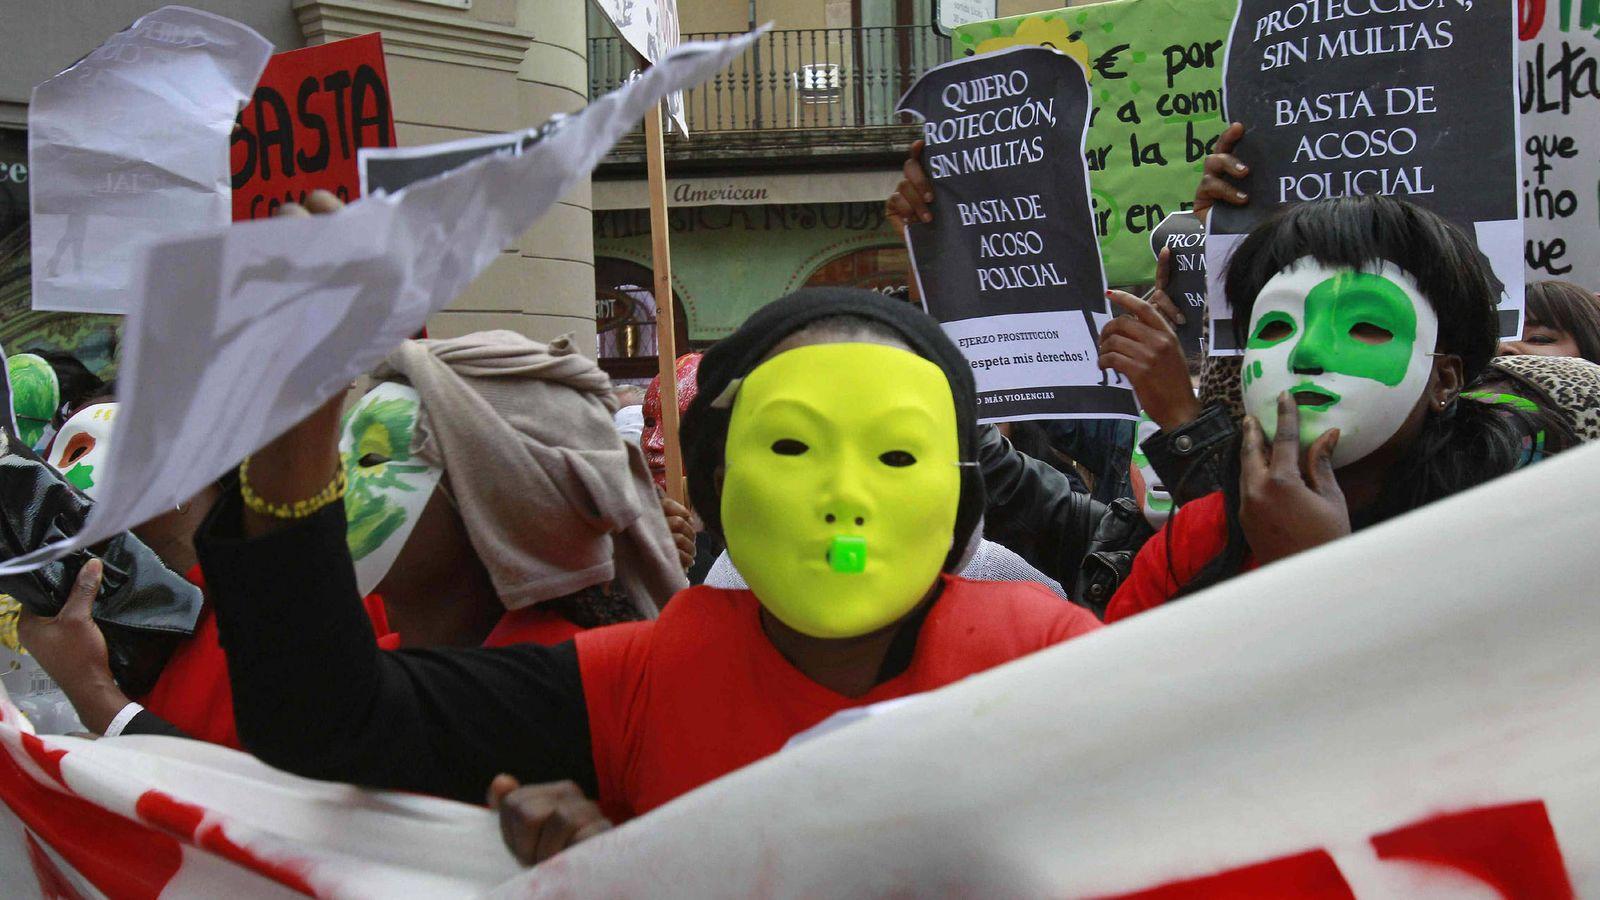 Foto: Trabajadoras sexuales protestan en Barcelona por el acoso pocial. (EFE)